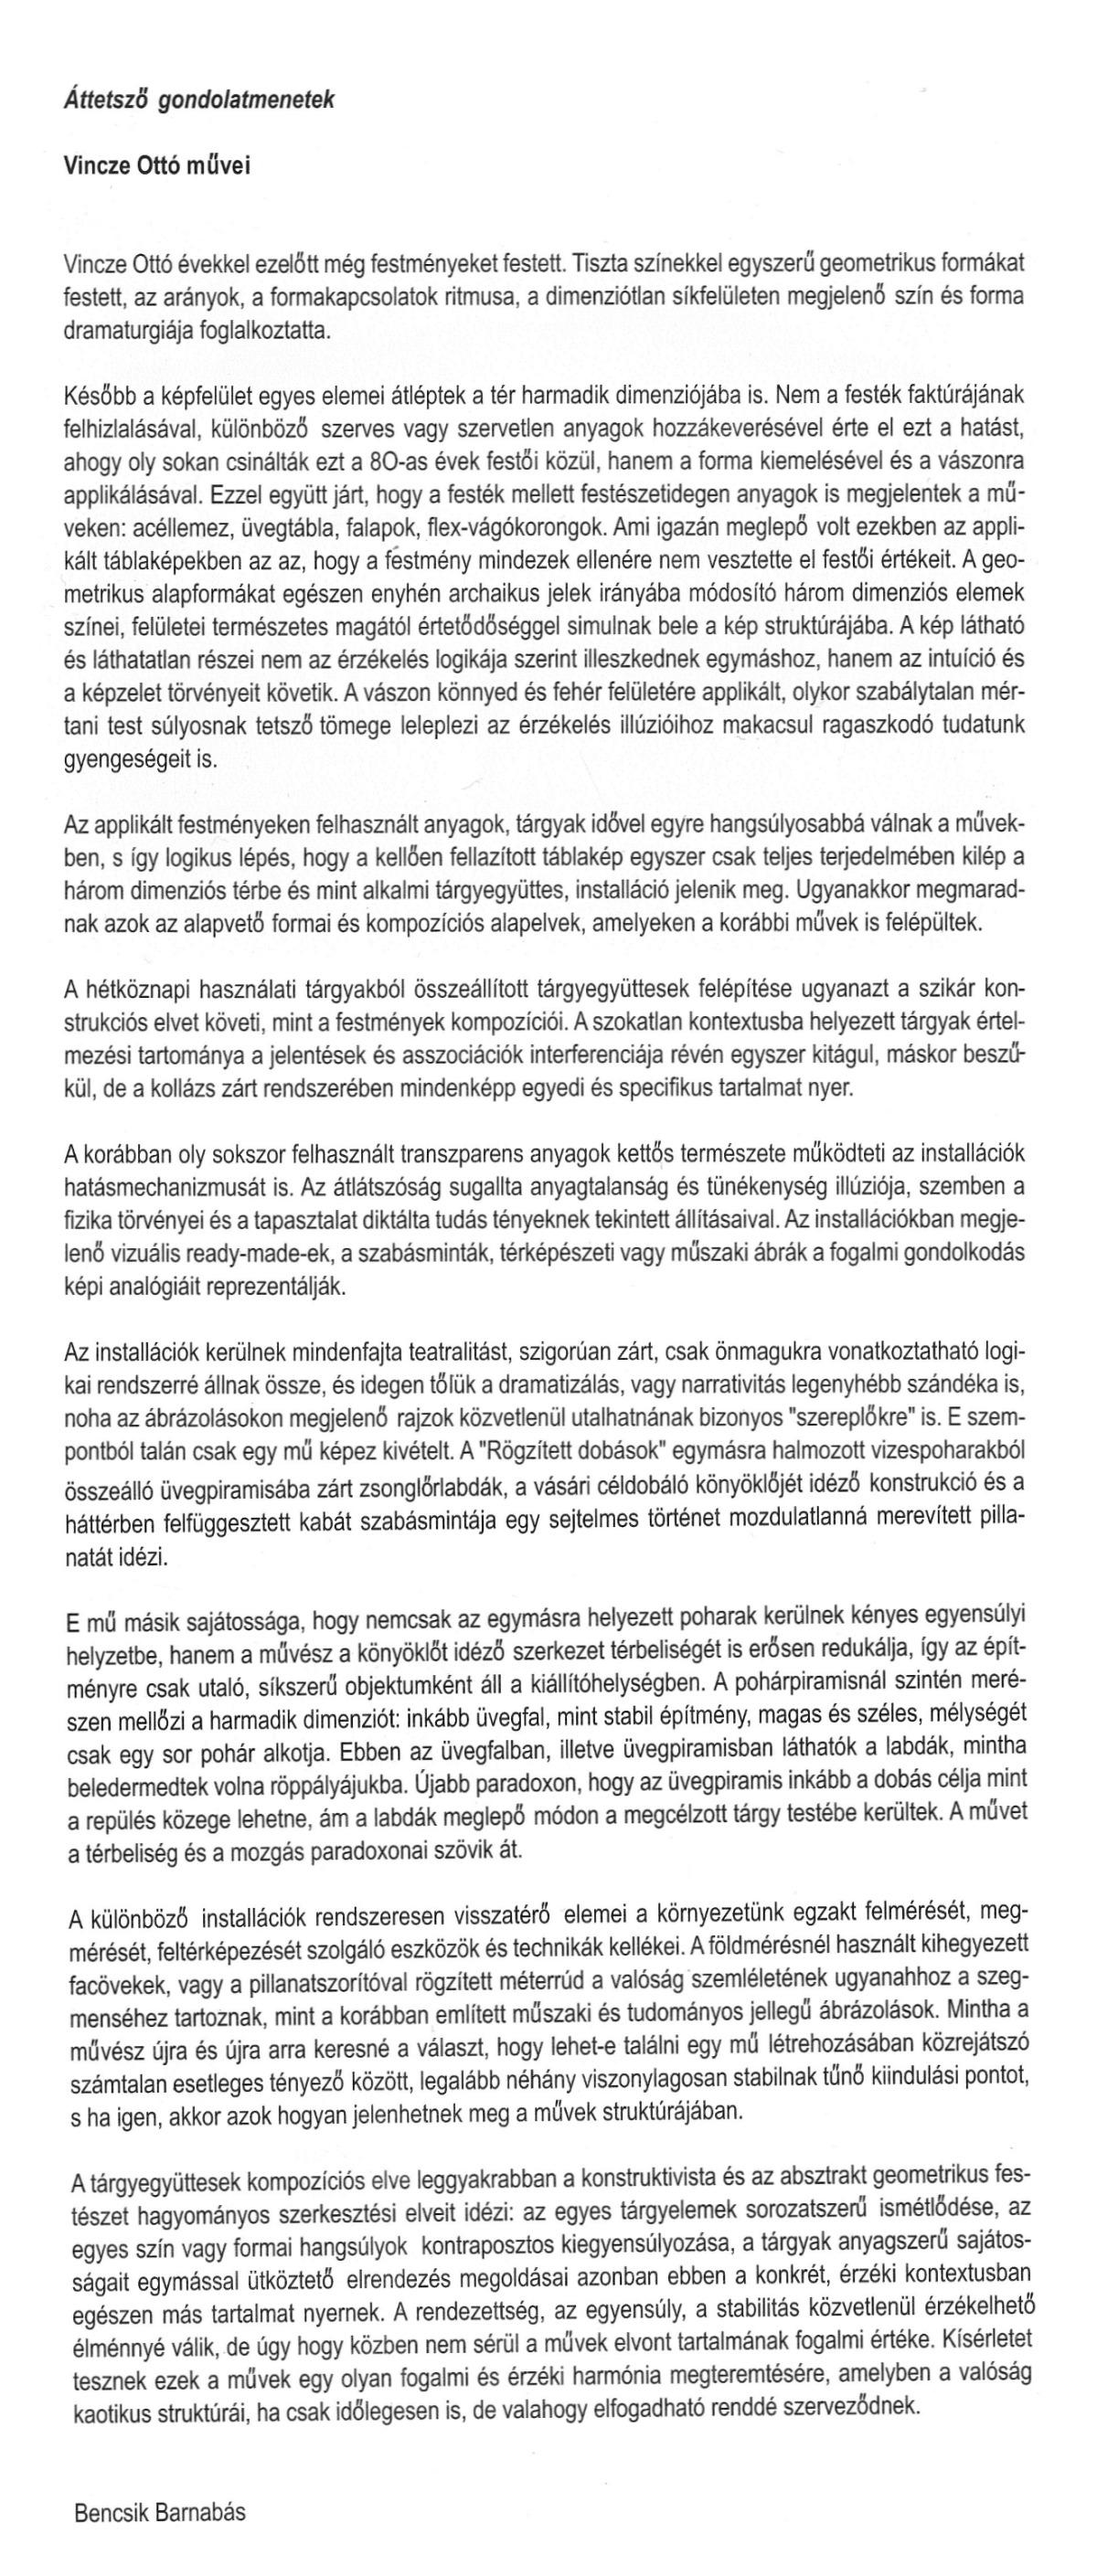 Bencsik Barnabás: Vincze Ottó, Installationen 1994–97, Schöppingen (katalógus bevezető)